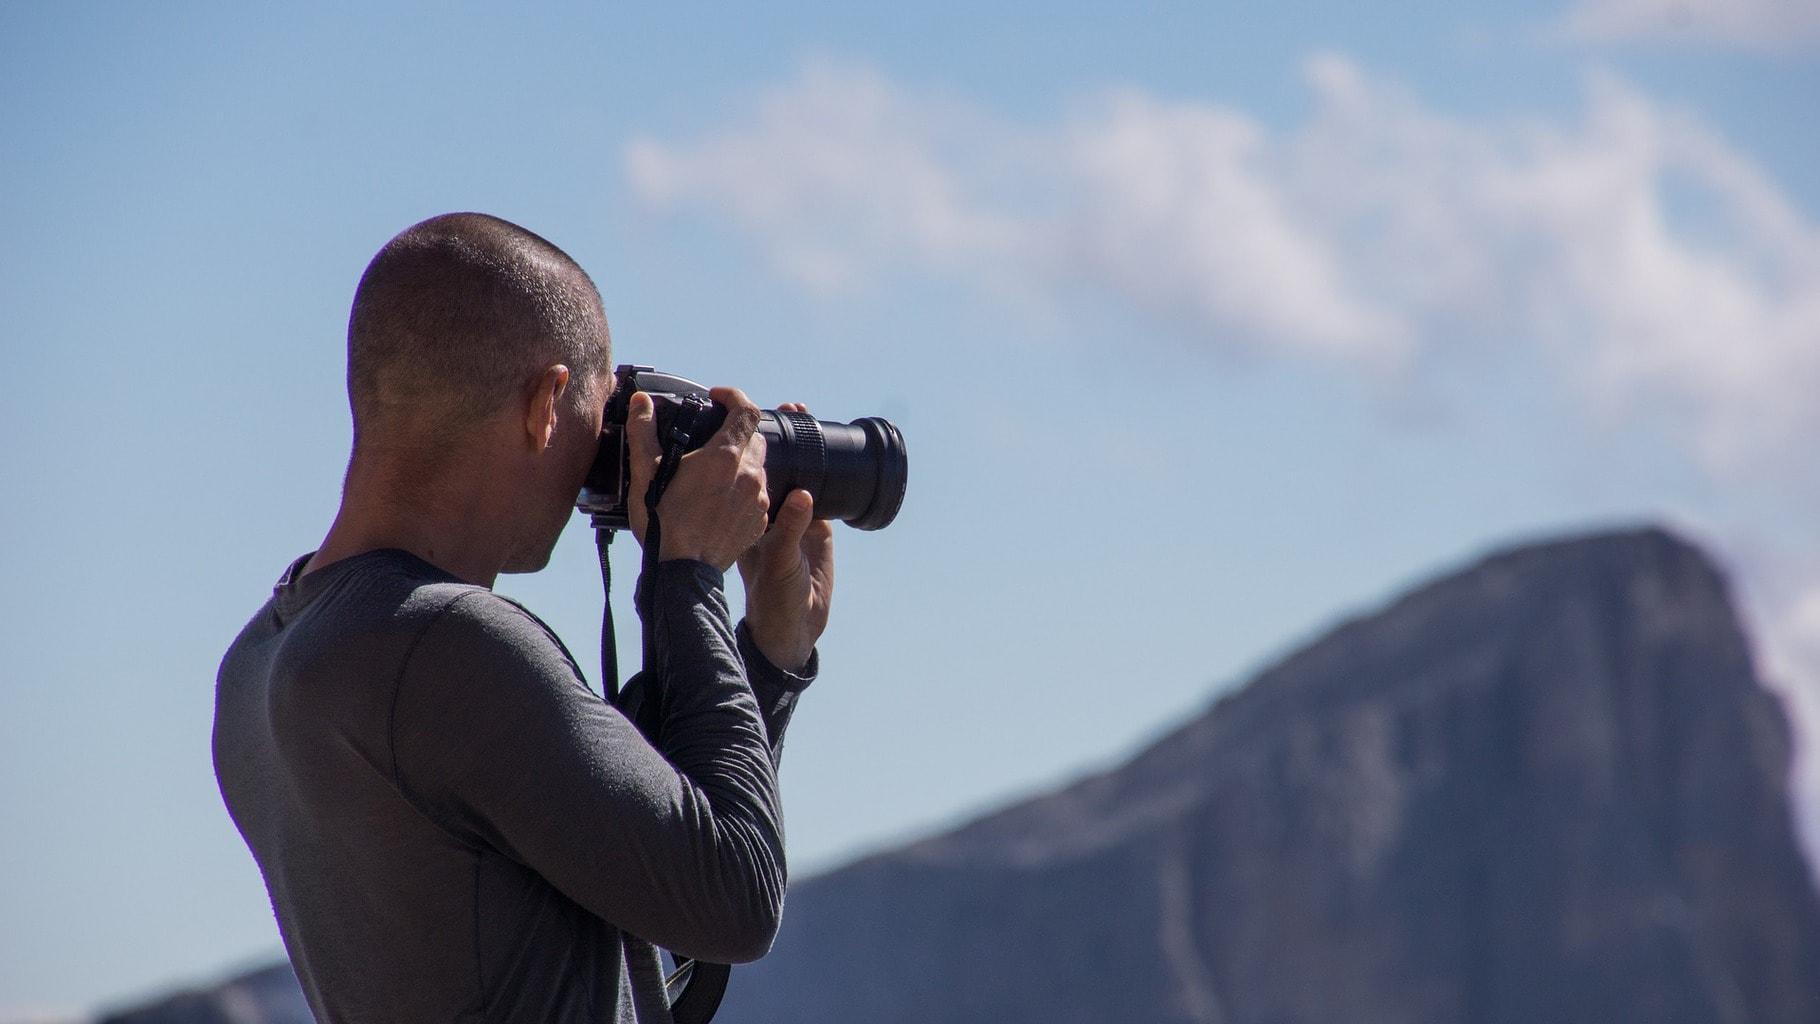 Fotografía de un fotógrafo tomando una foto